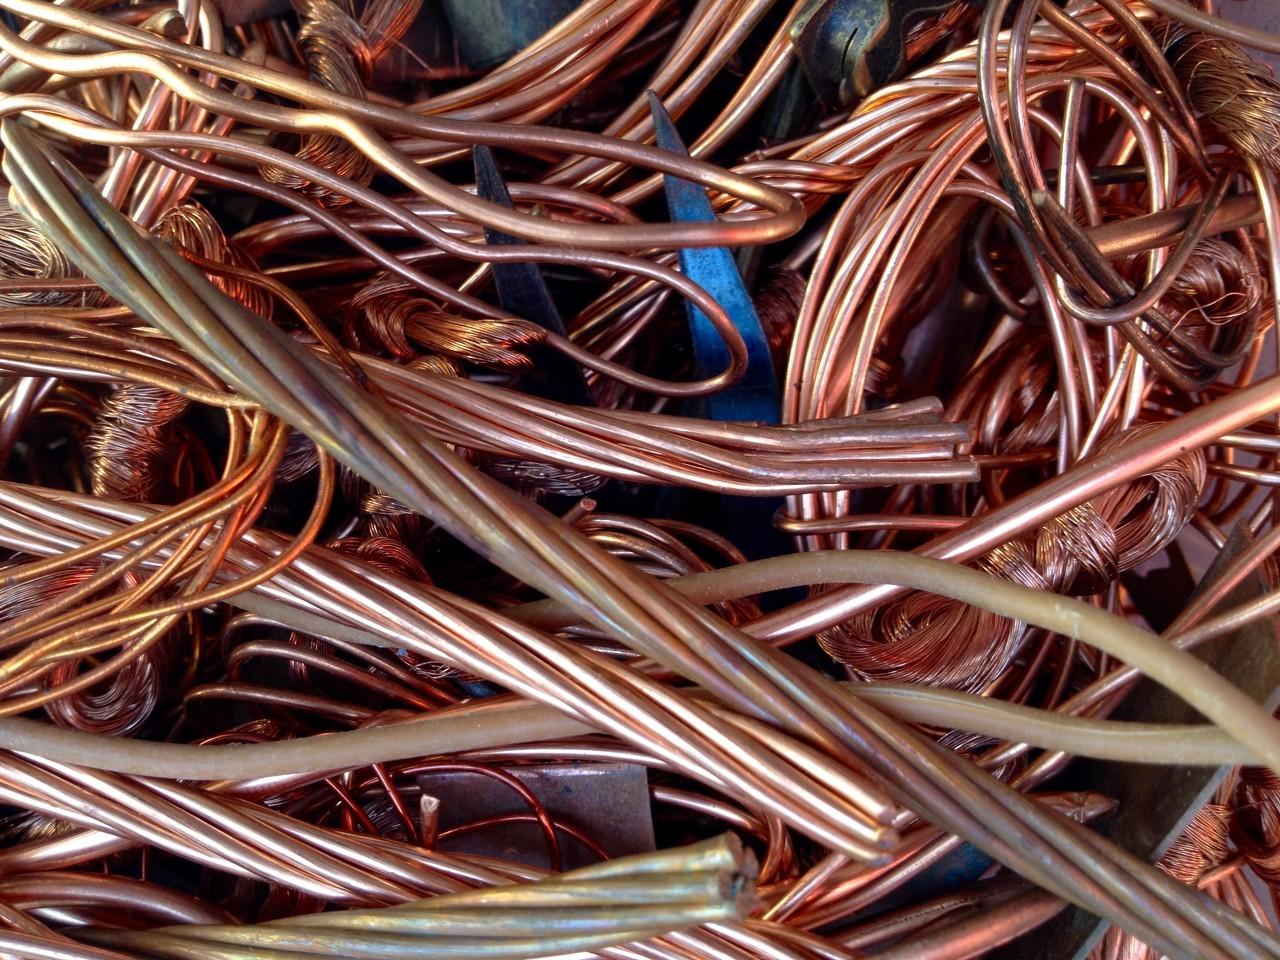 今日废铜回收价格表_最新废铜回收价格查询(2021年06月25日)